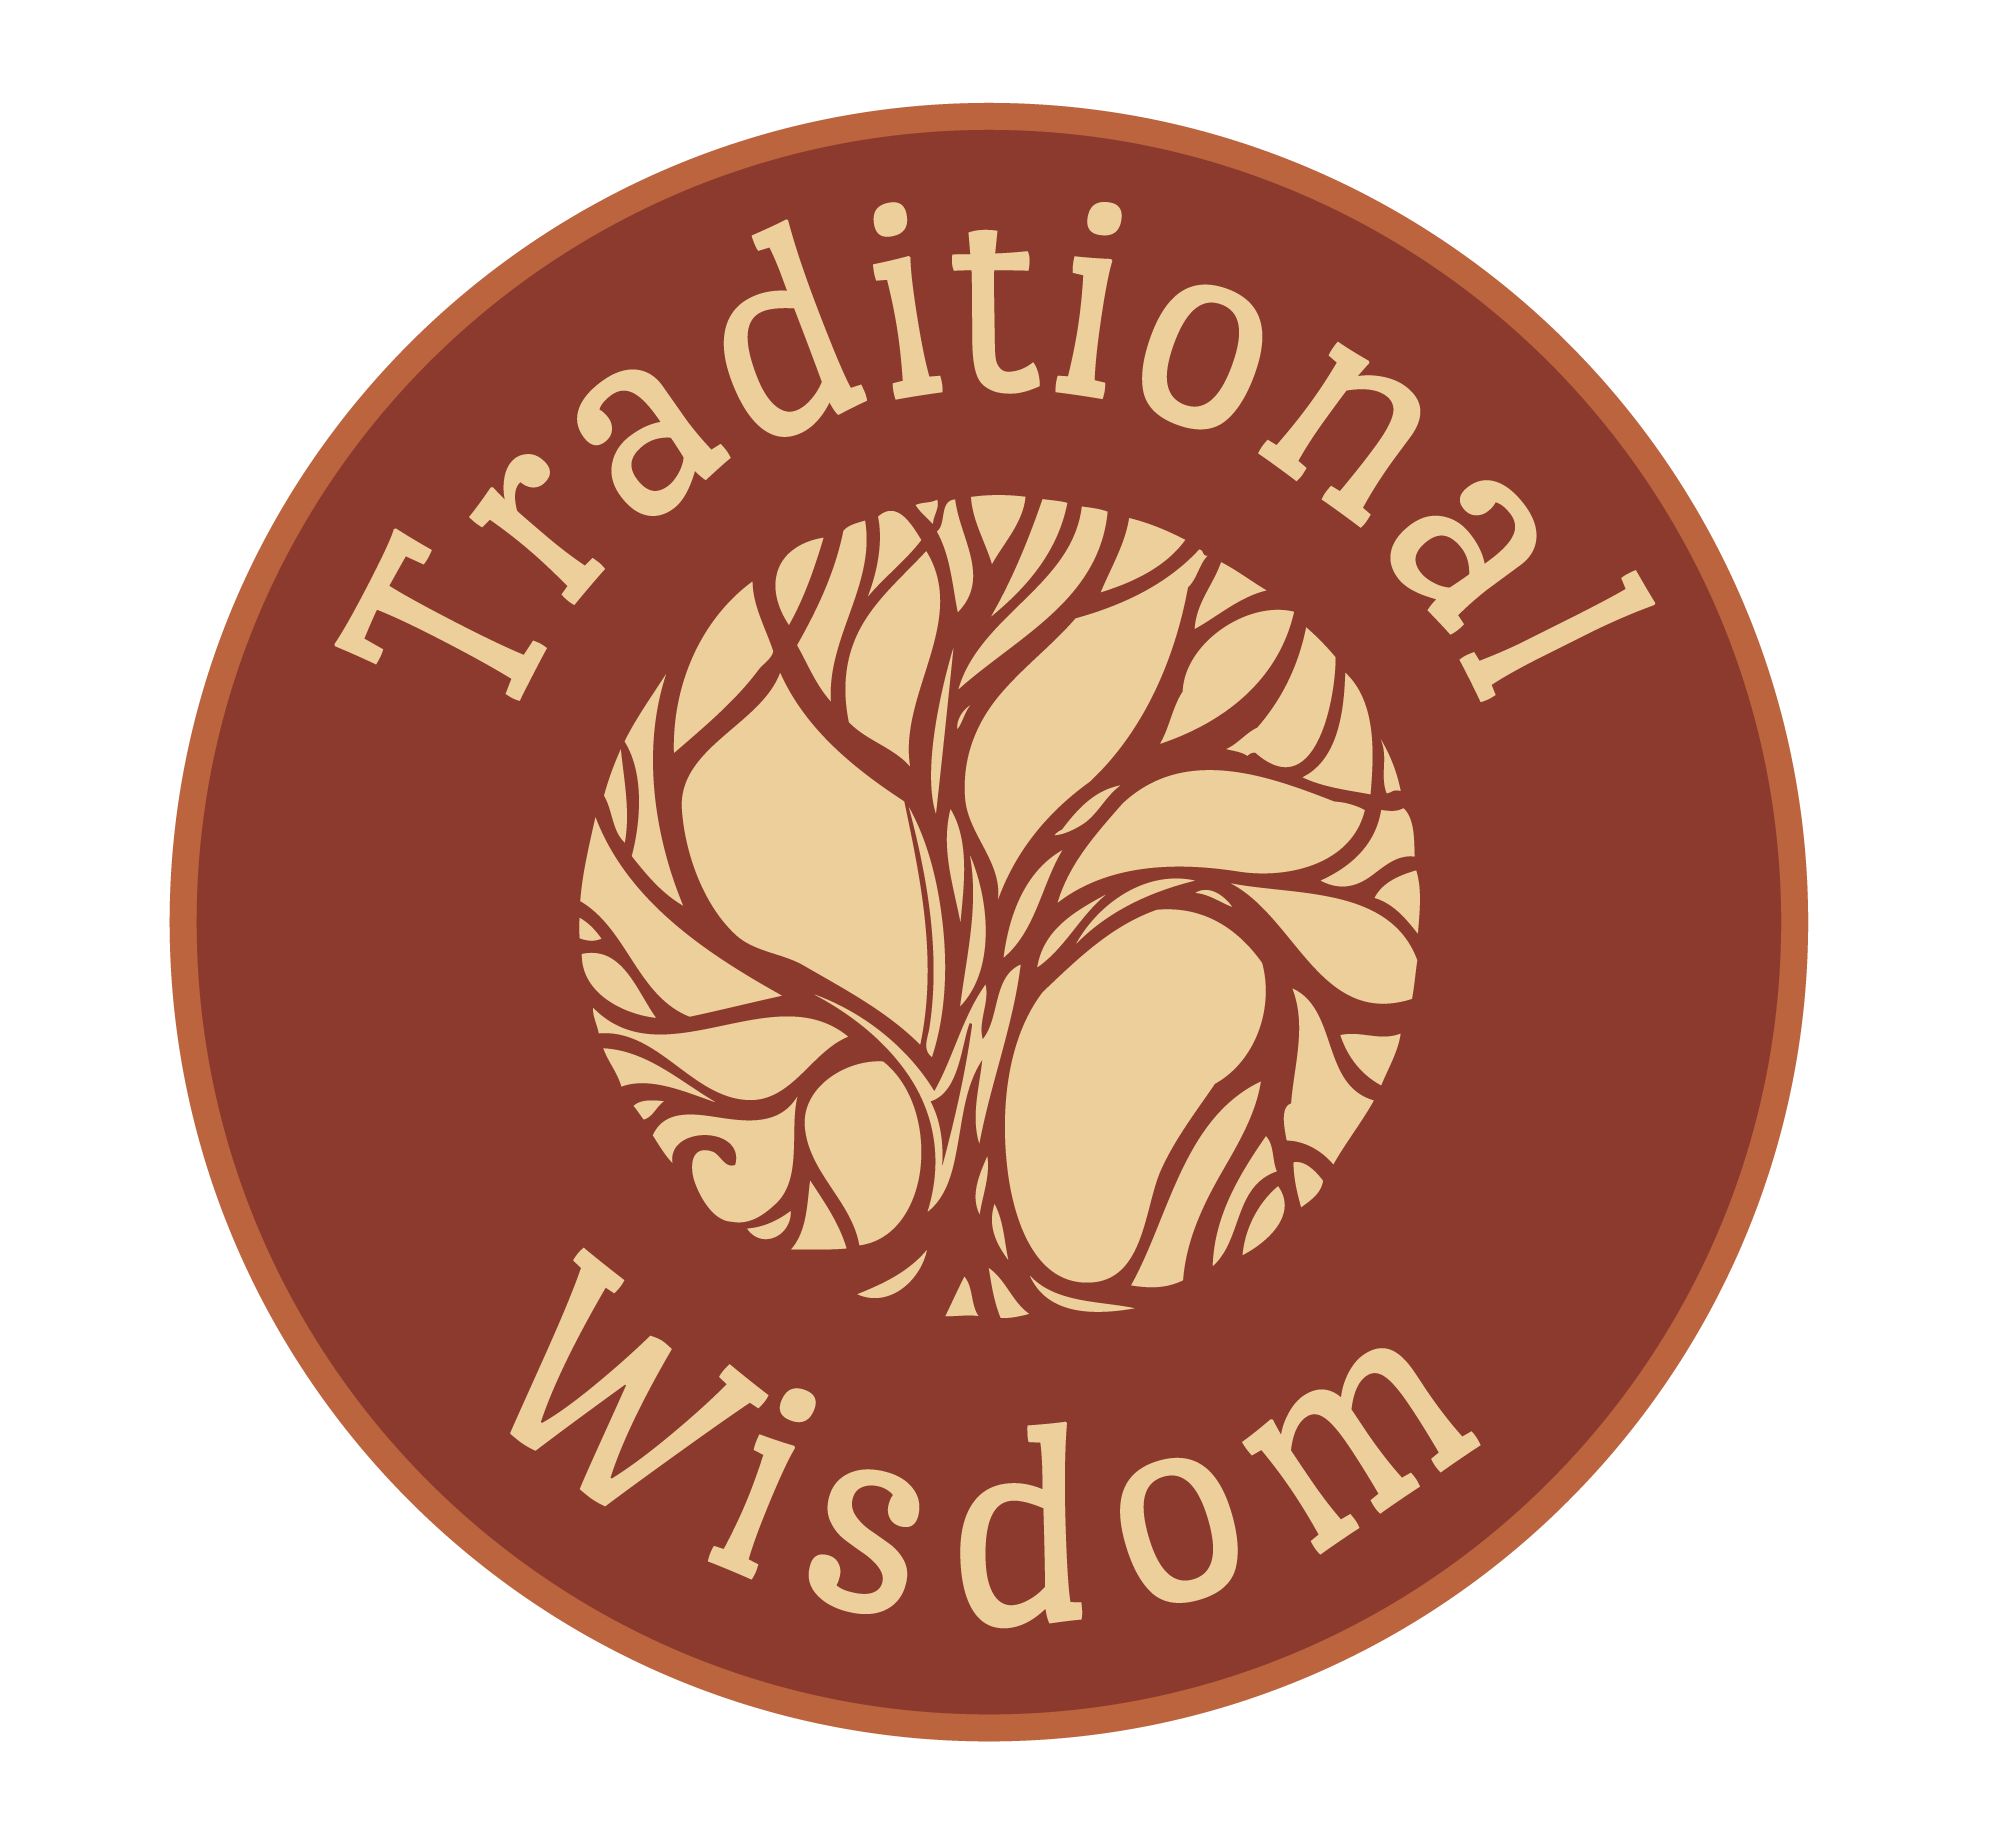 Traditional Wisdom